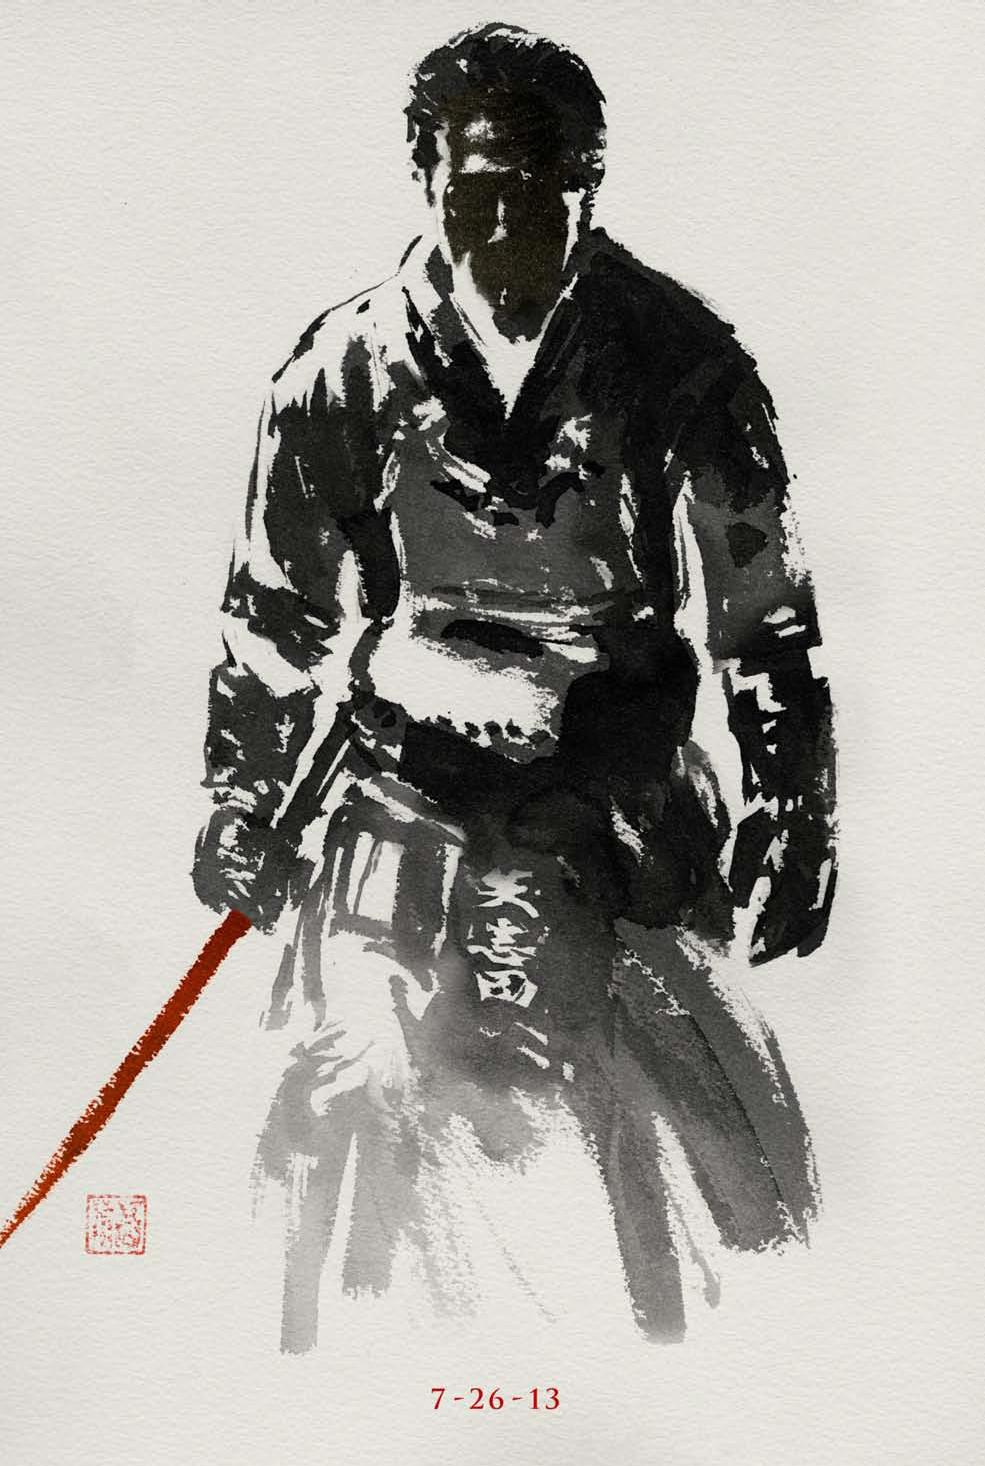 Hiroyuki Sanada as Shingen Yashida